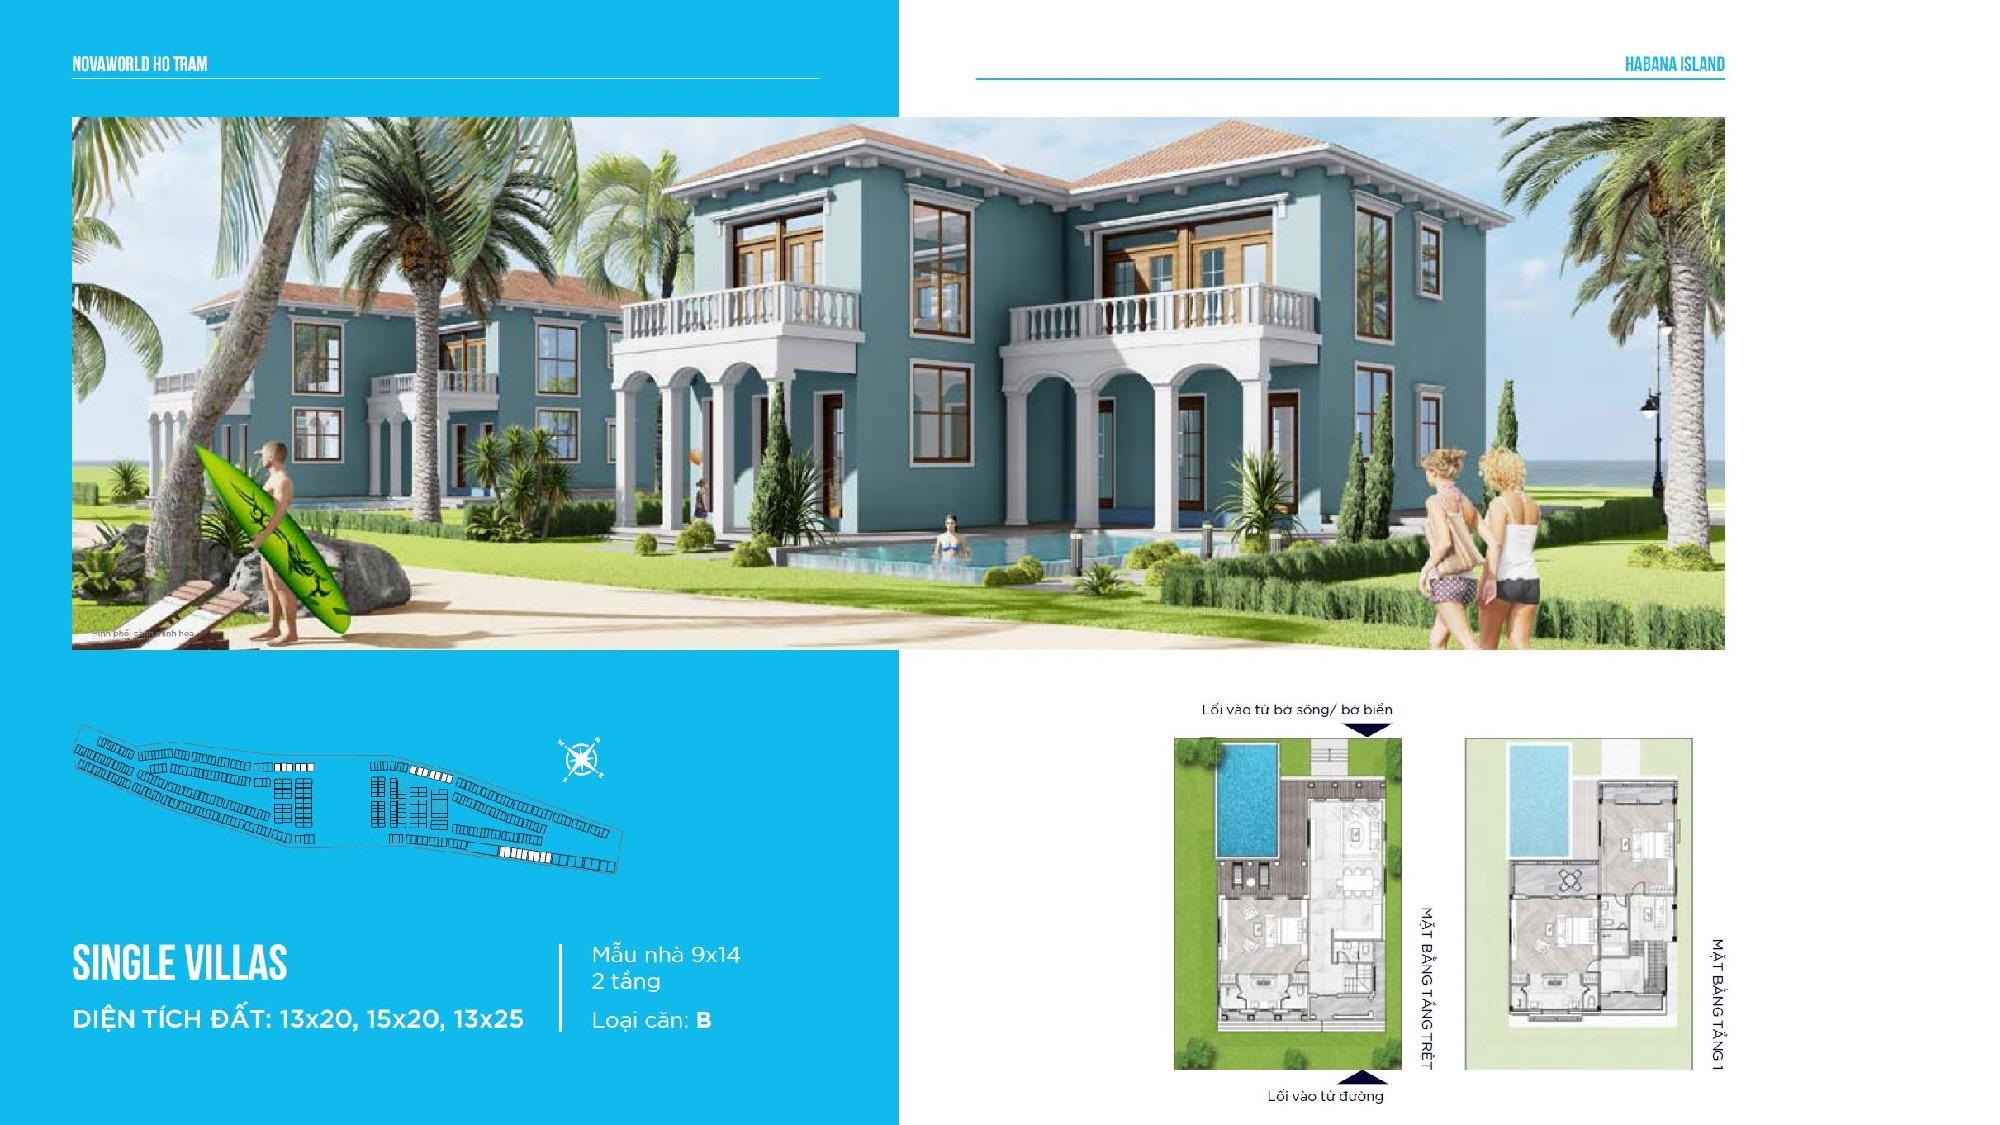 Thiết kế nhà mẫu Loại căn B Single Villas 13x20 15x20 Novaworld Đà Lạt nhà phát triển Novaland